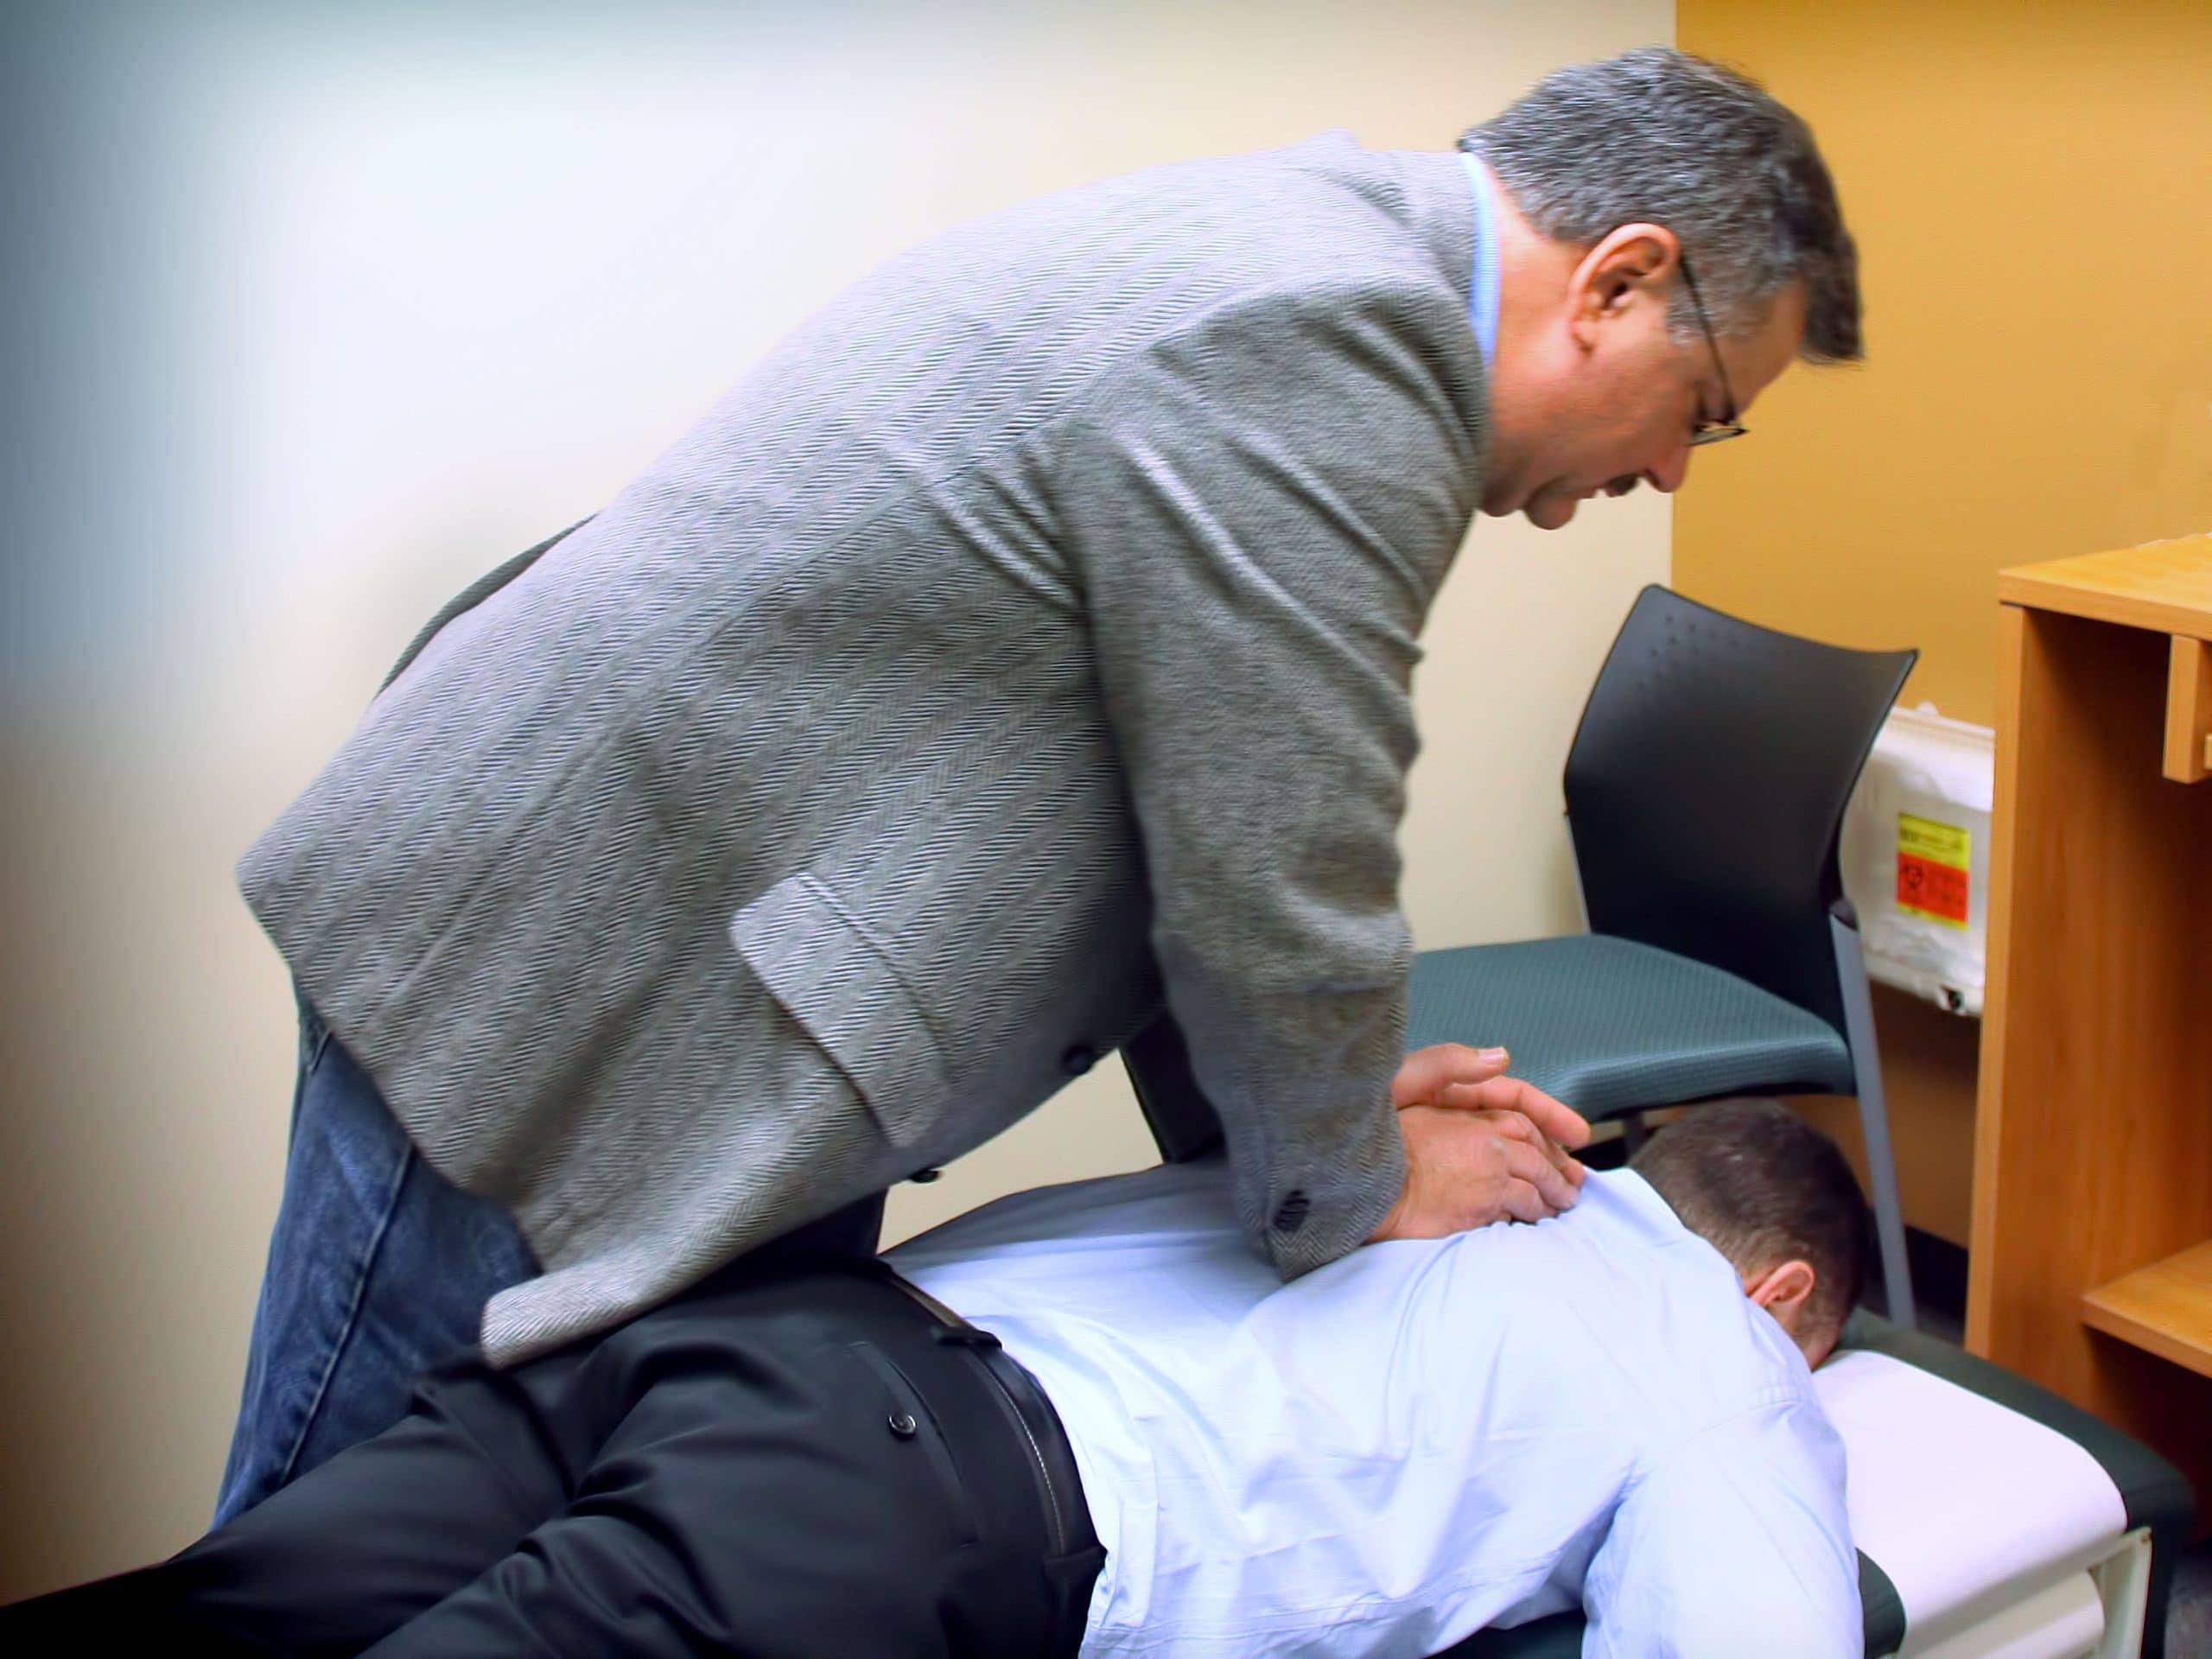 Séance d'ostéopathie en entreprise